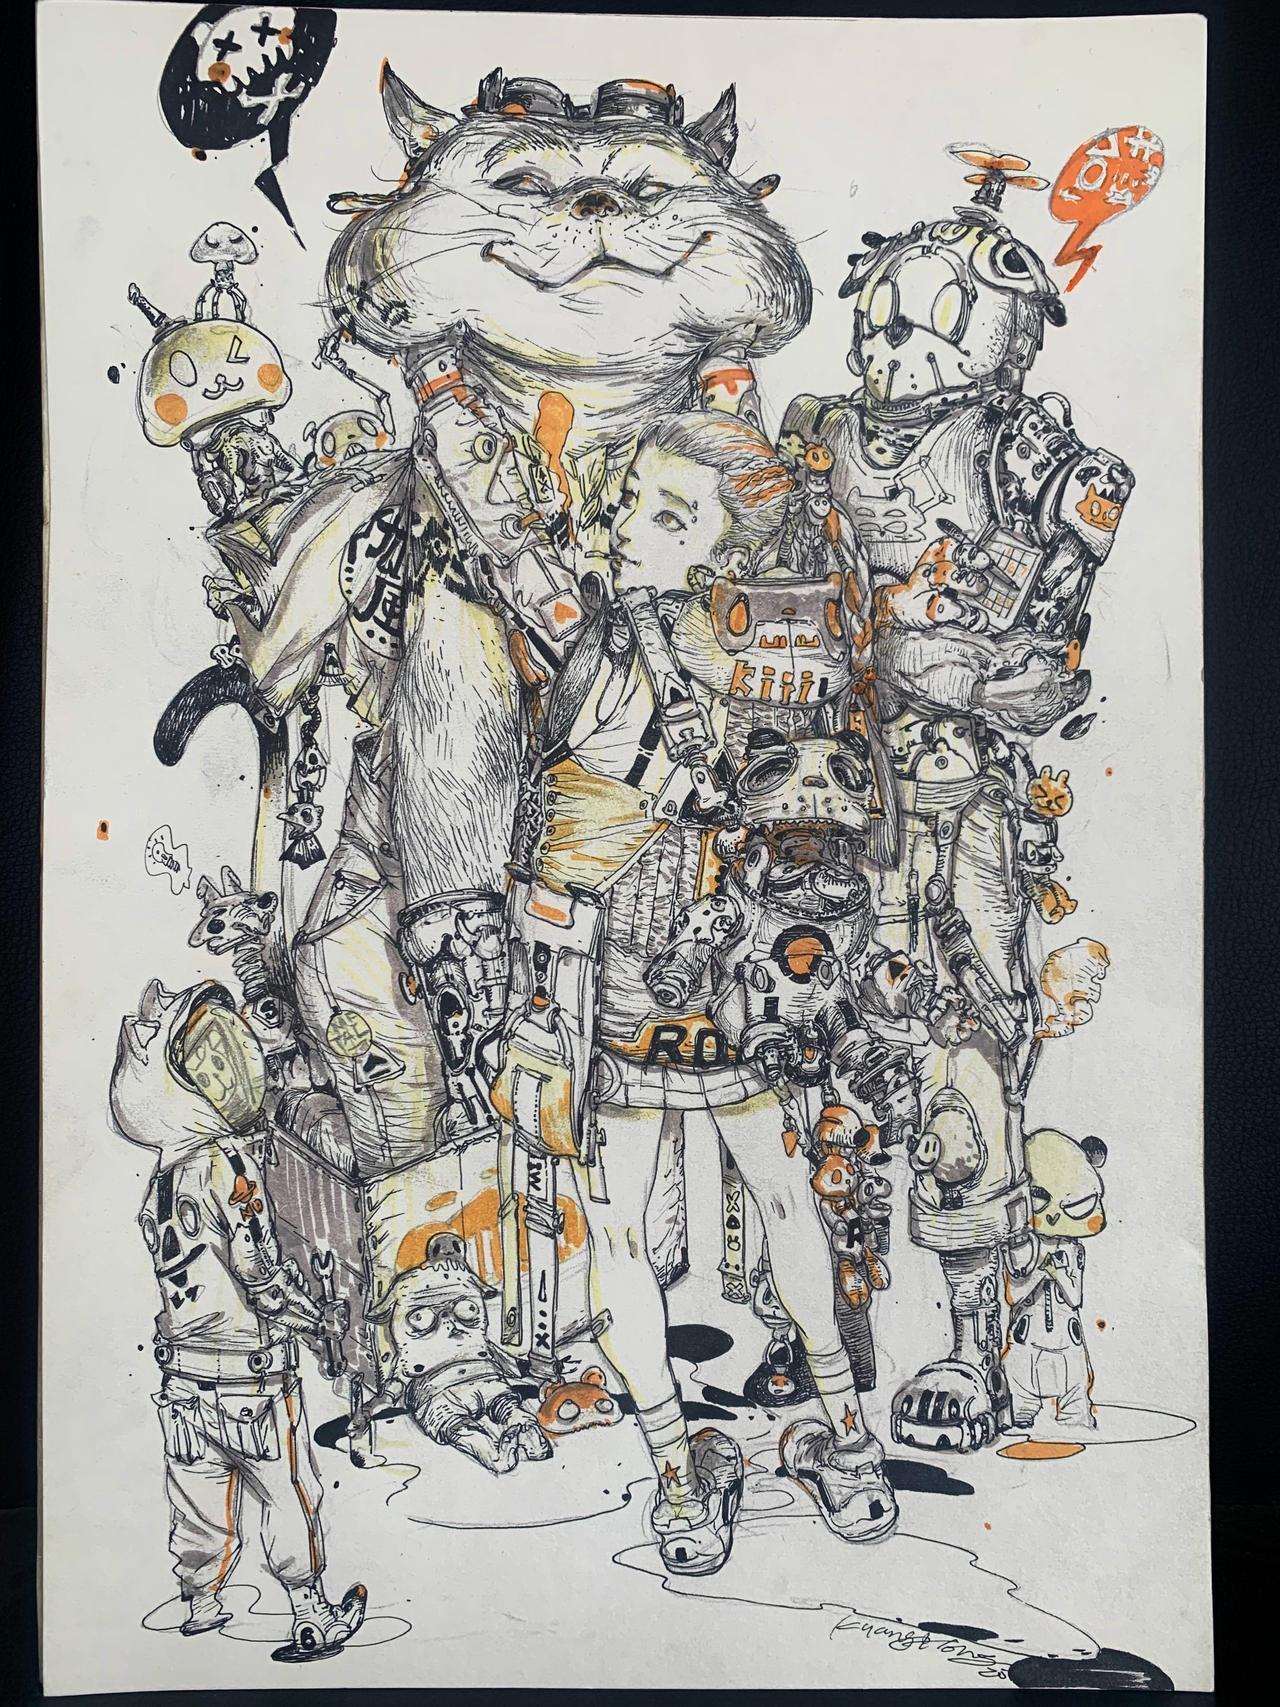 P8/Sketching